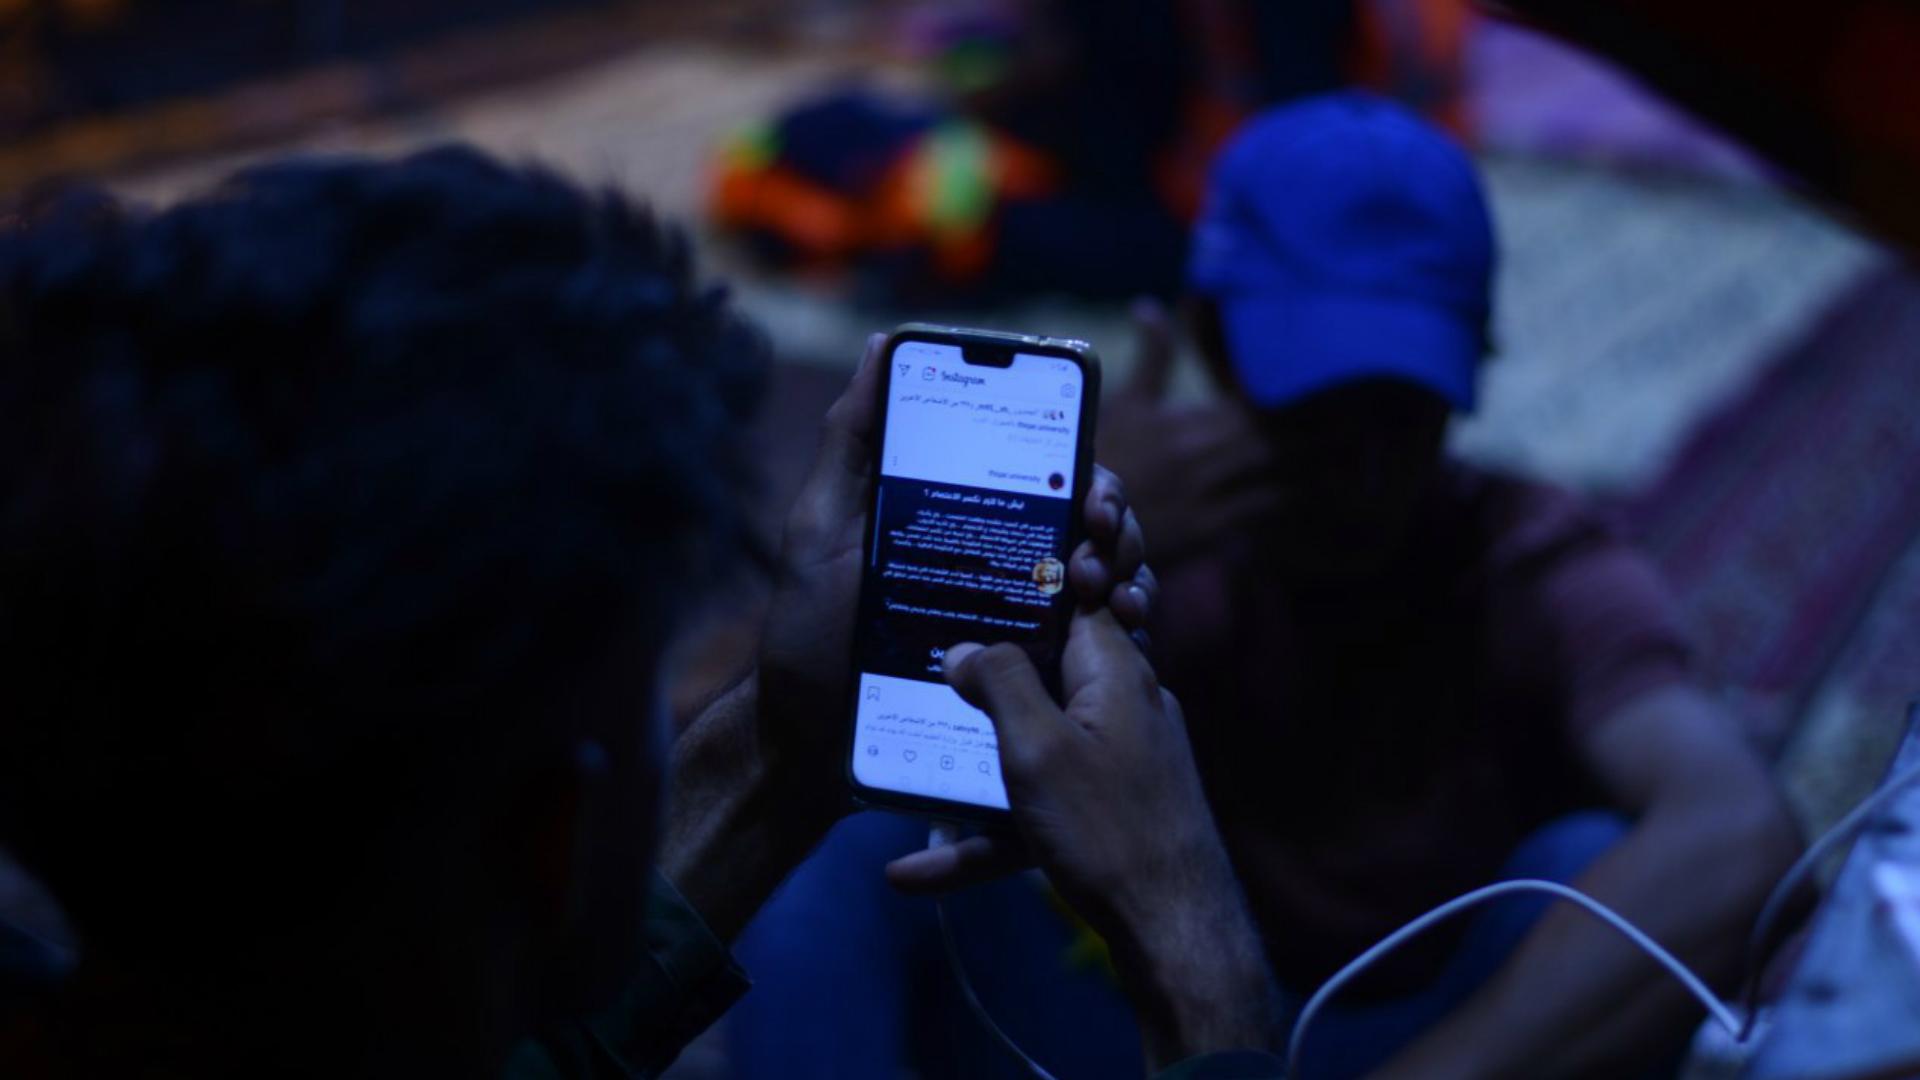 الاتصالات: العام المقبل سيشهد تحولاً مهماً في خدمة الإنترنت